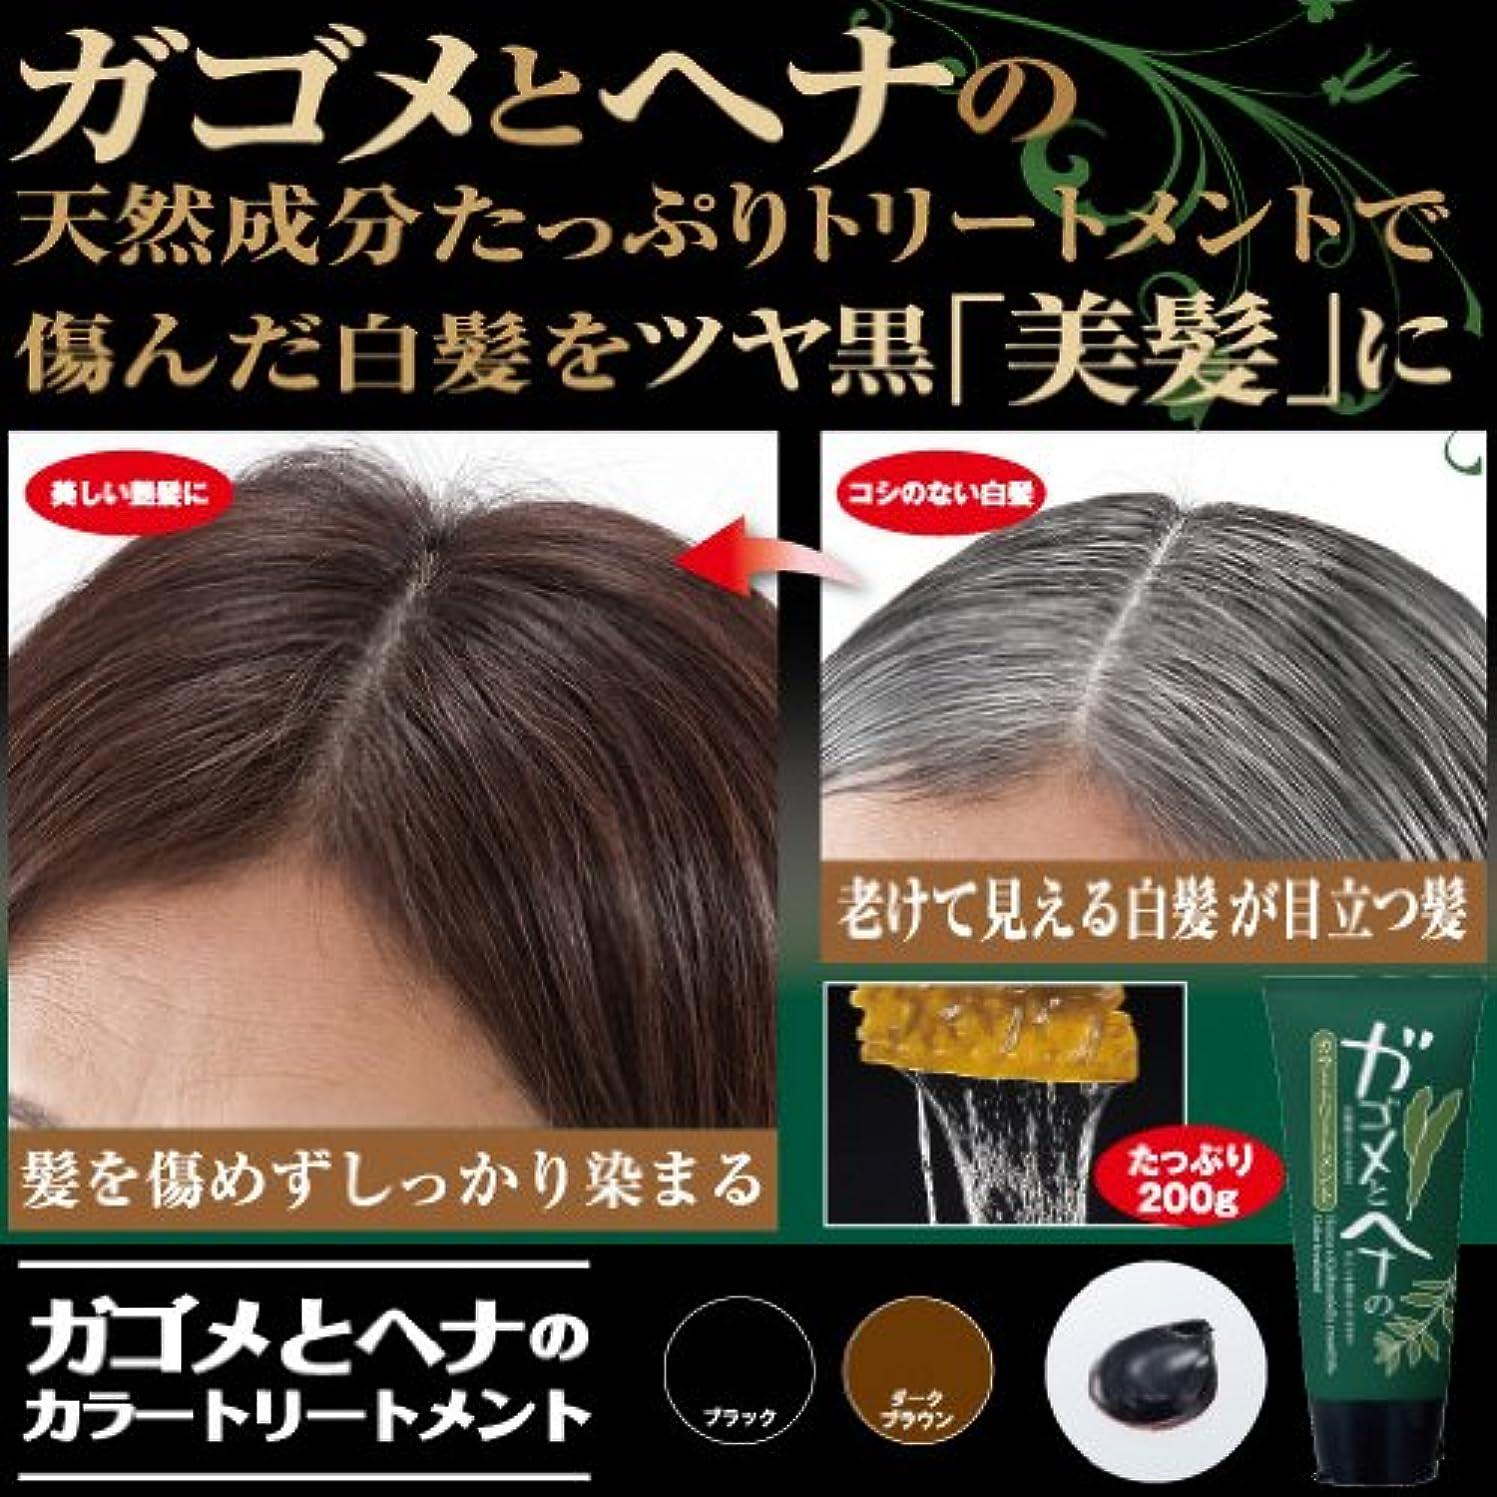 風邪をひく言い直すコンテンポラリー髪を傷めず白髪1本1本しっかり色づけ『ガゴメとヘナの カラートリートメント』(ブラック)